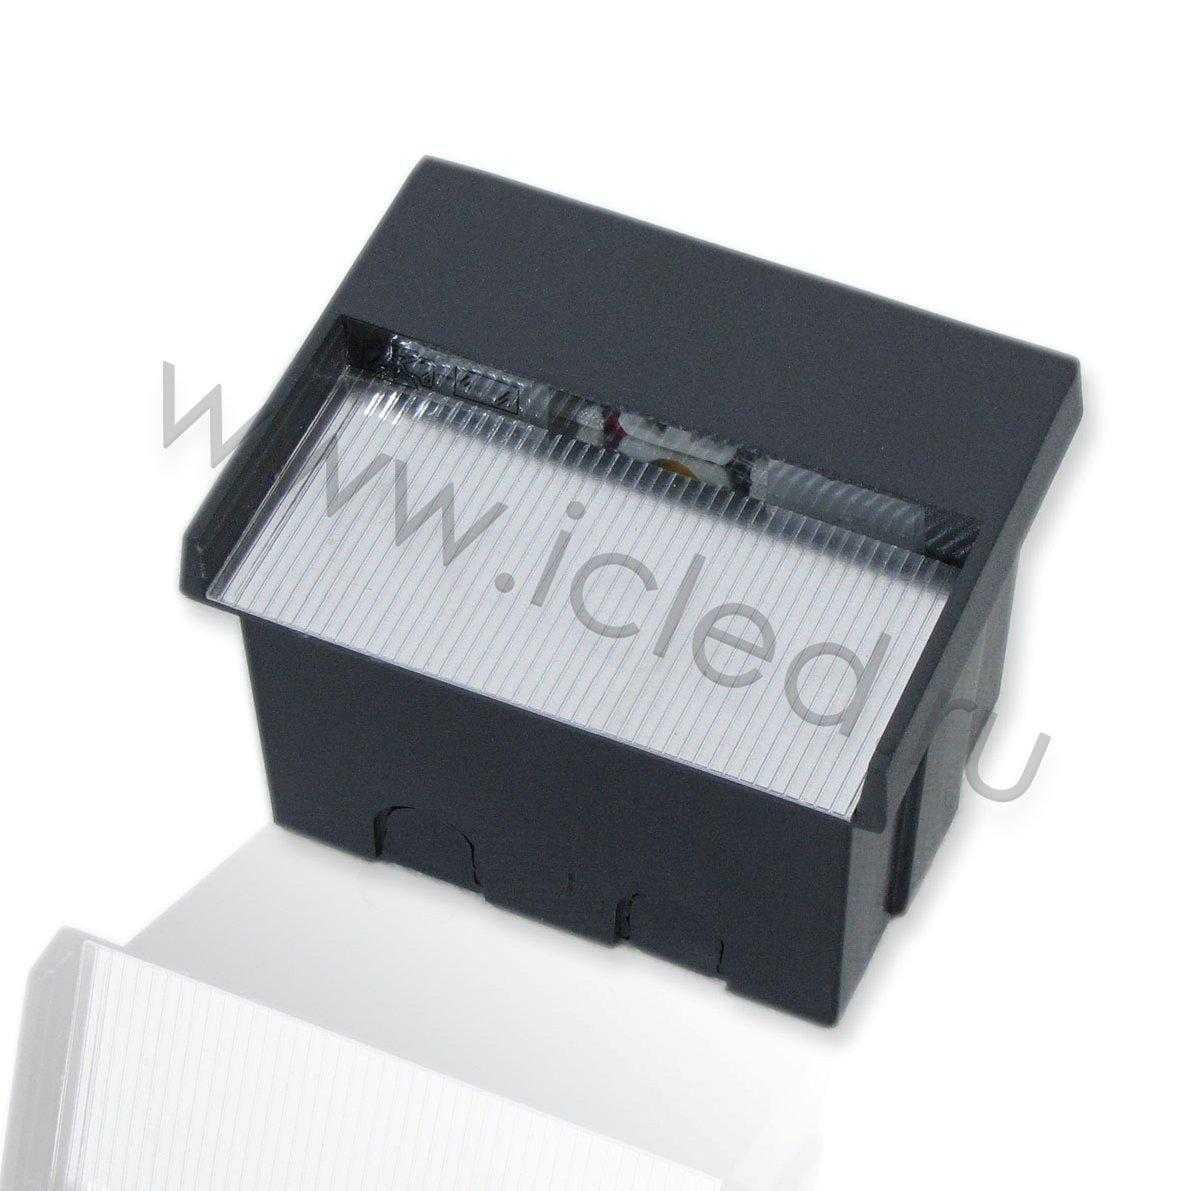 Светодиодный светильник UCR7820 DG, Warm White